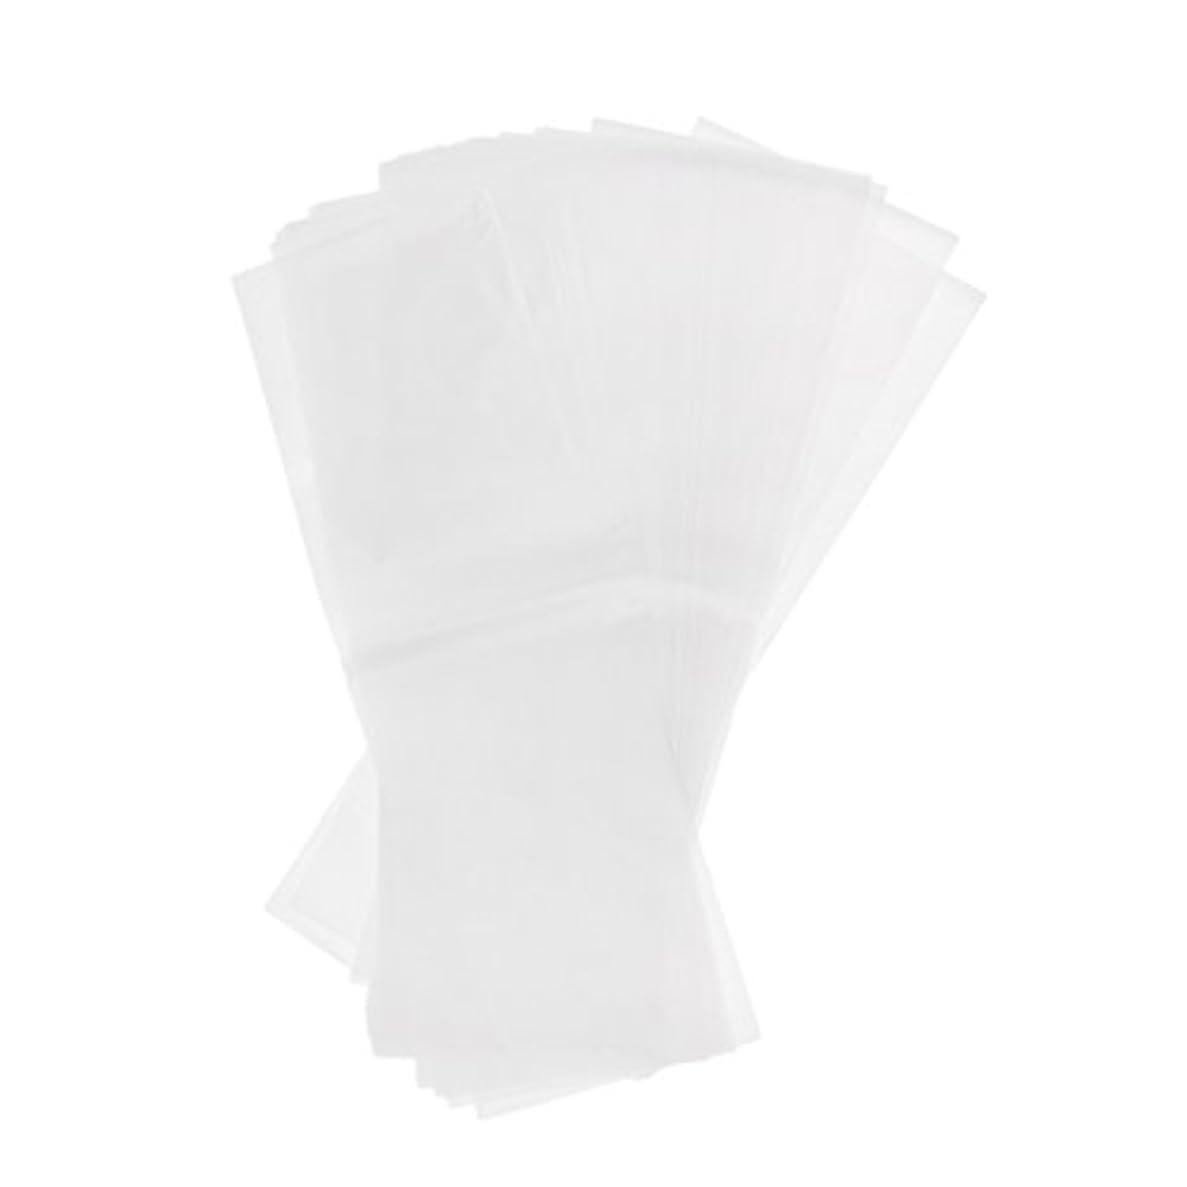 先入観ニックネーム失業者ヘアカラー 毛染め 分版用紙 ハイライトシート 毛染め紙 再利用可能な 透明 2仕様選べ - ホワイト